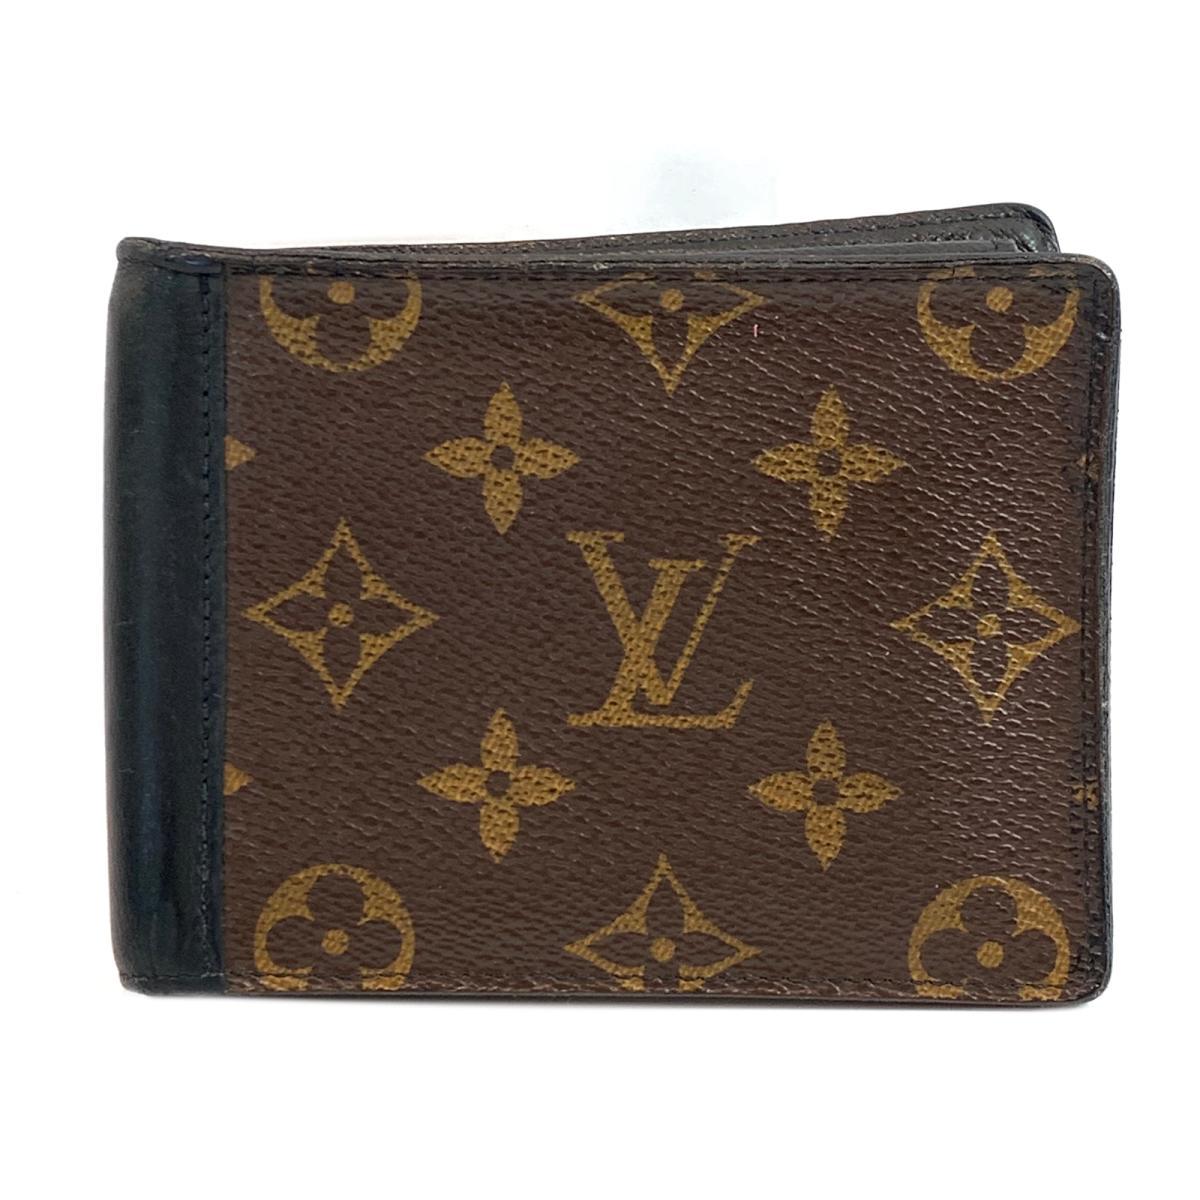 【中古】ルイヴィトン ポルトフォイユ・ミンドロ 二つ折り財布 財布 ユニセックス モノグラム モノグラム x ブラック (M60411)